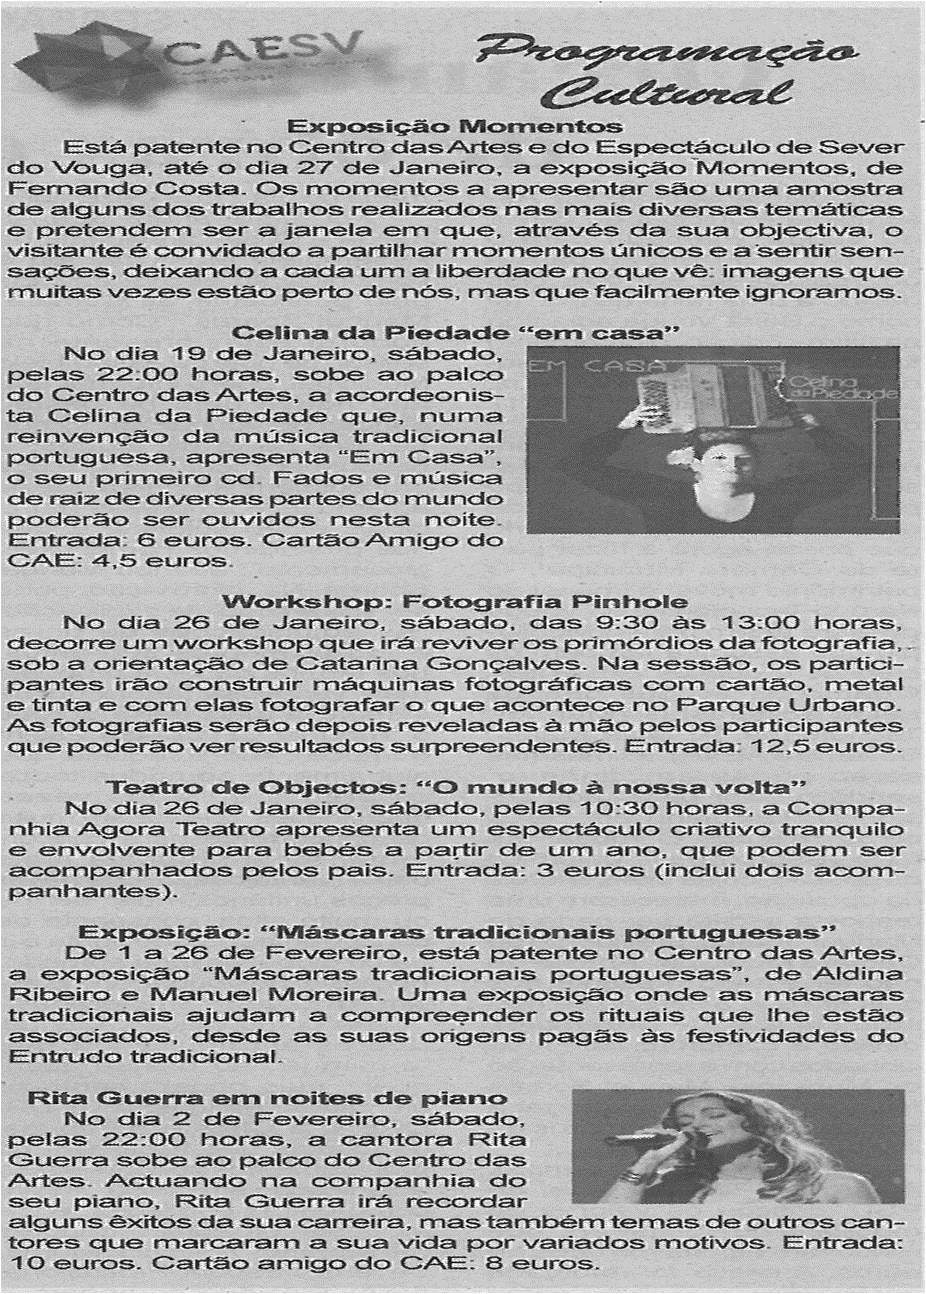 BV-2ªjan13-p4-CAESV